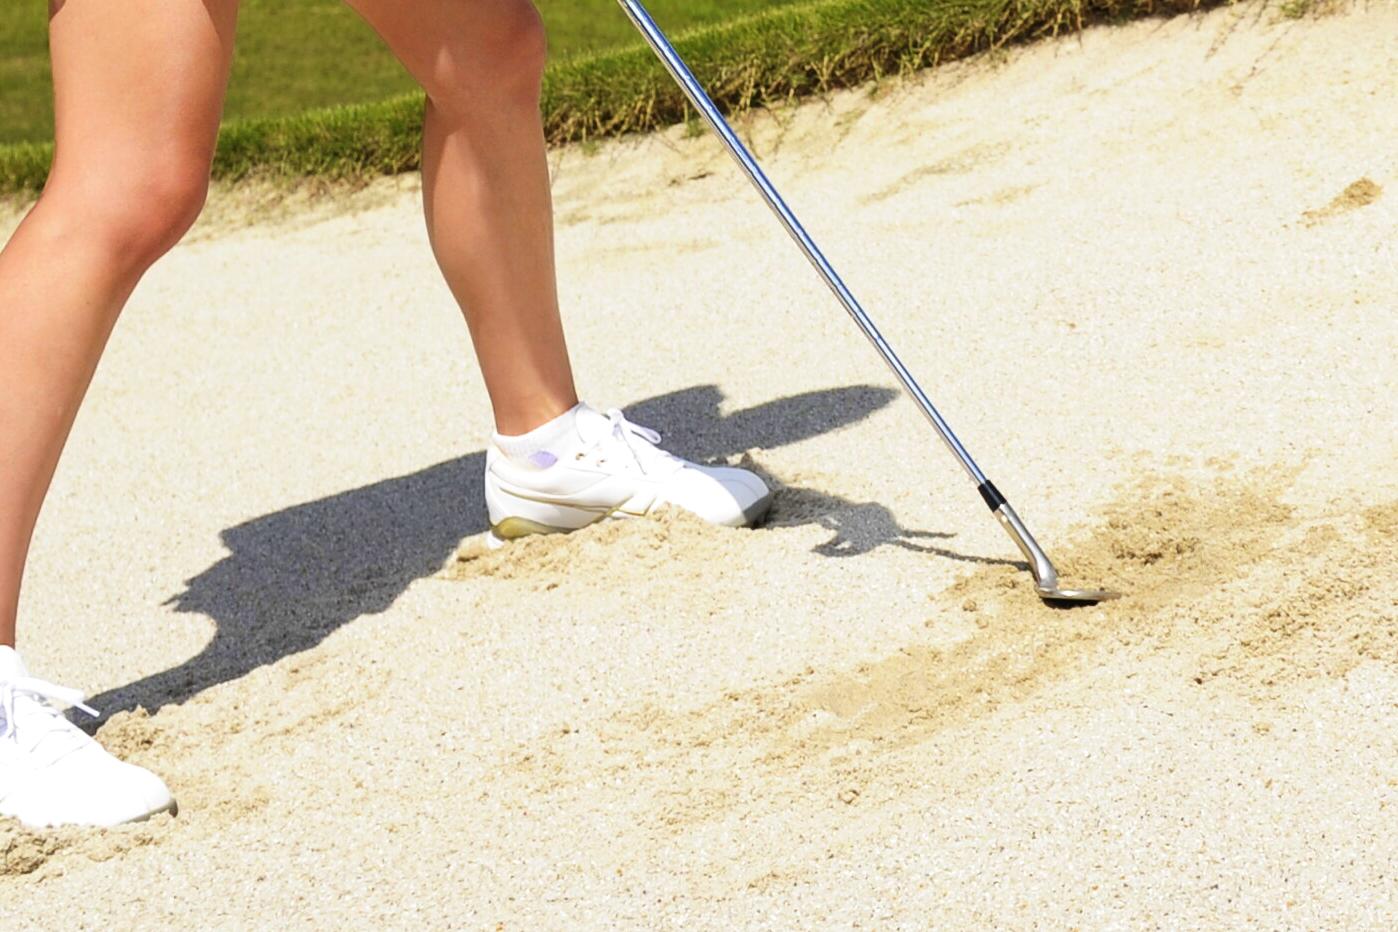 【ゴルルとルール】バンカーから球を打ったあとにクラブで砂に触れた。罰はあり? なし?